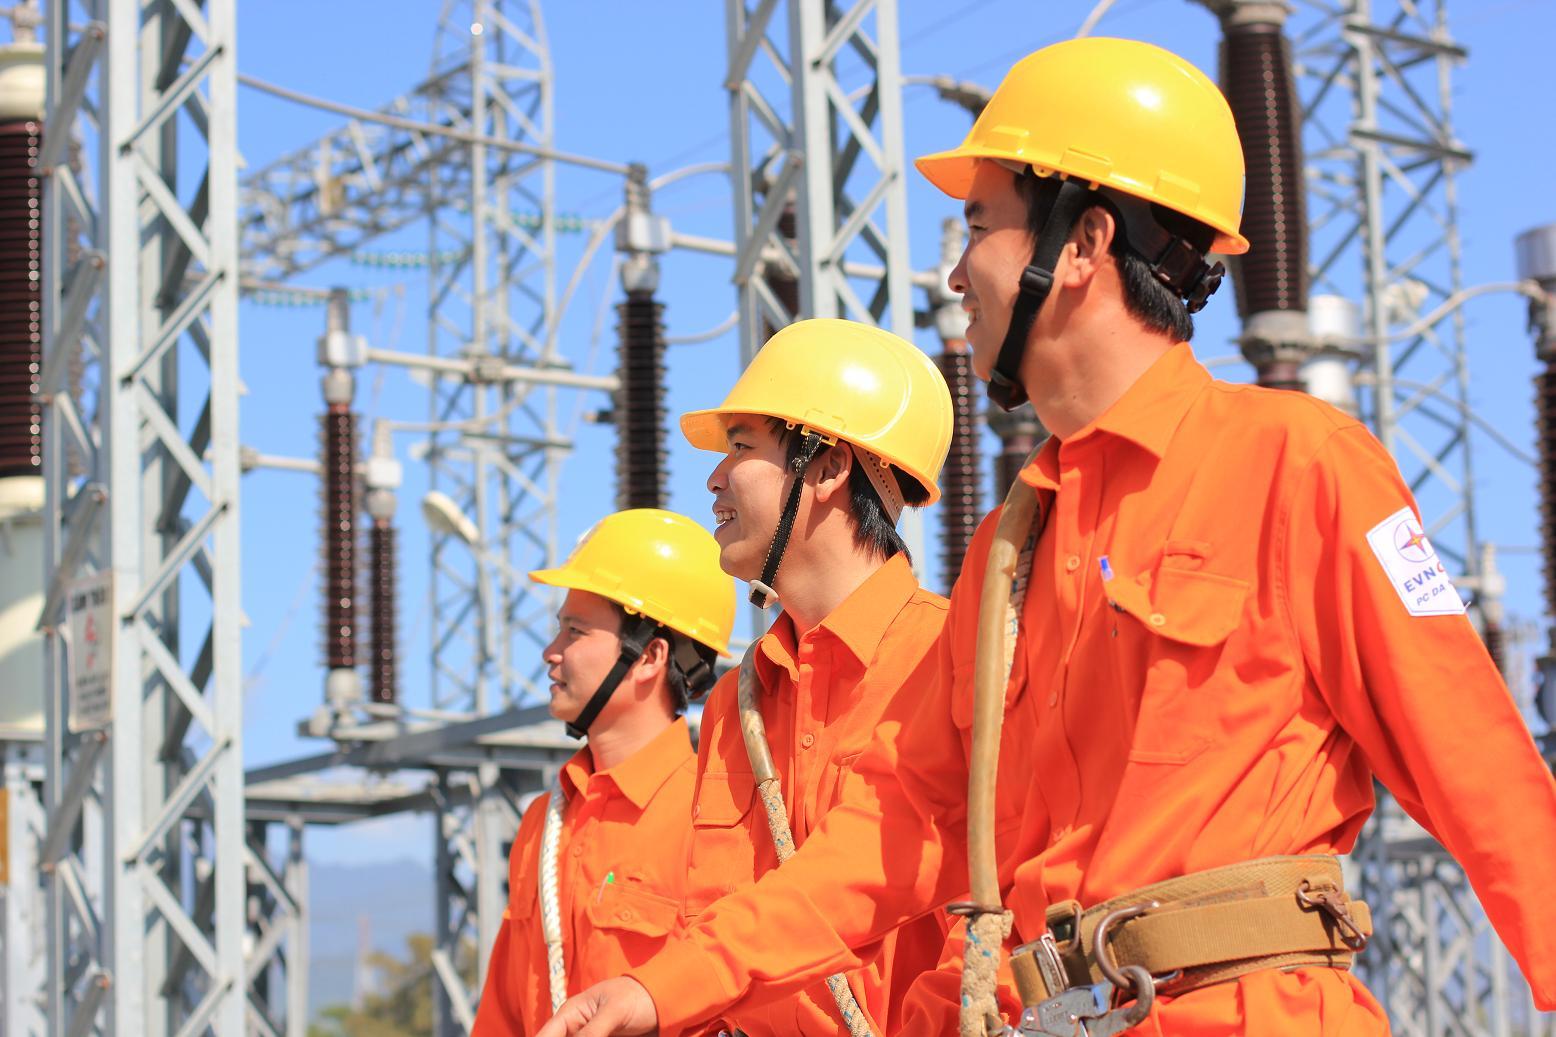 Tải mẫu giấy phép hoạt động điện lực do Sở Công thương cấp